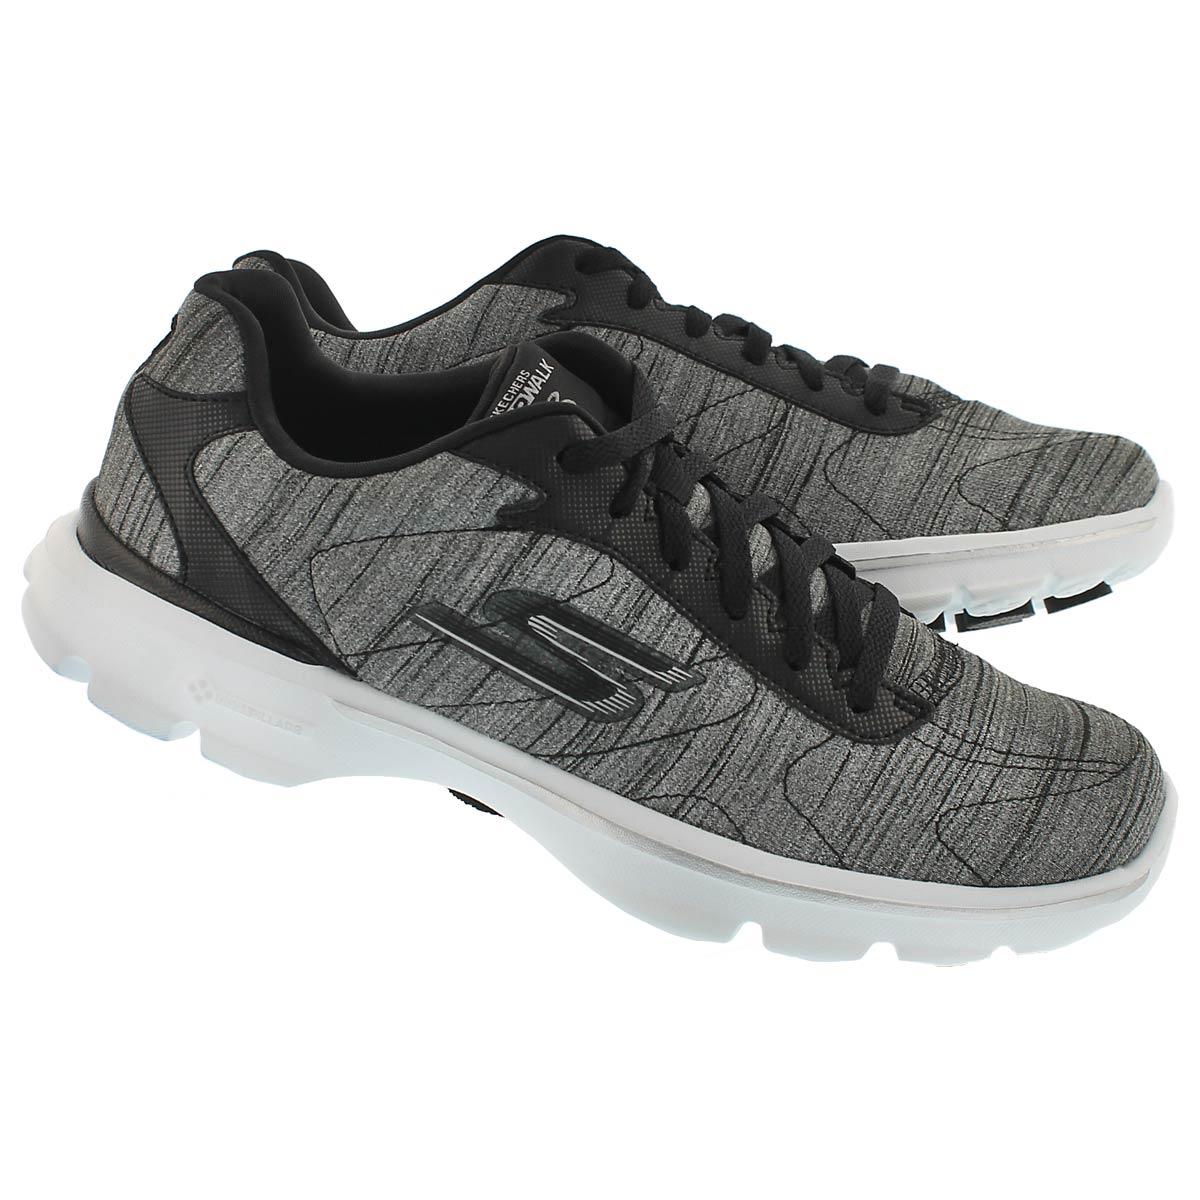 Lds GO Walk3 blk/wht laceup walking shoe